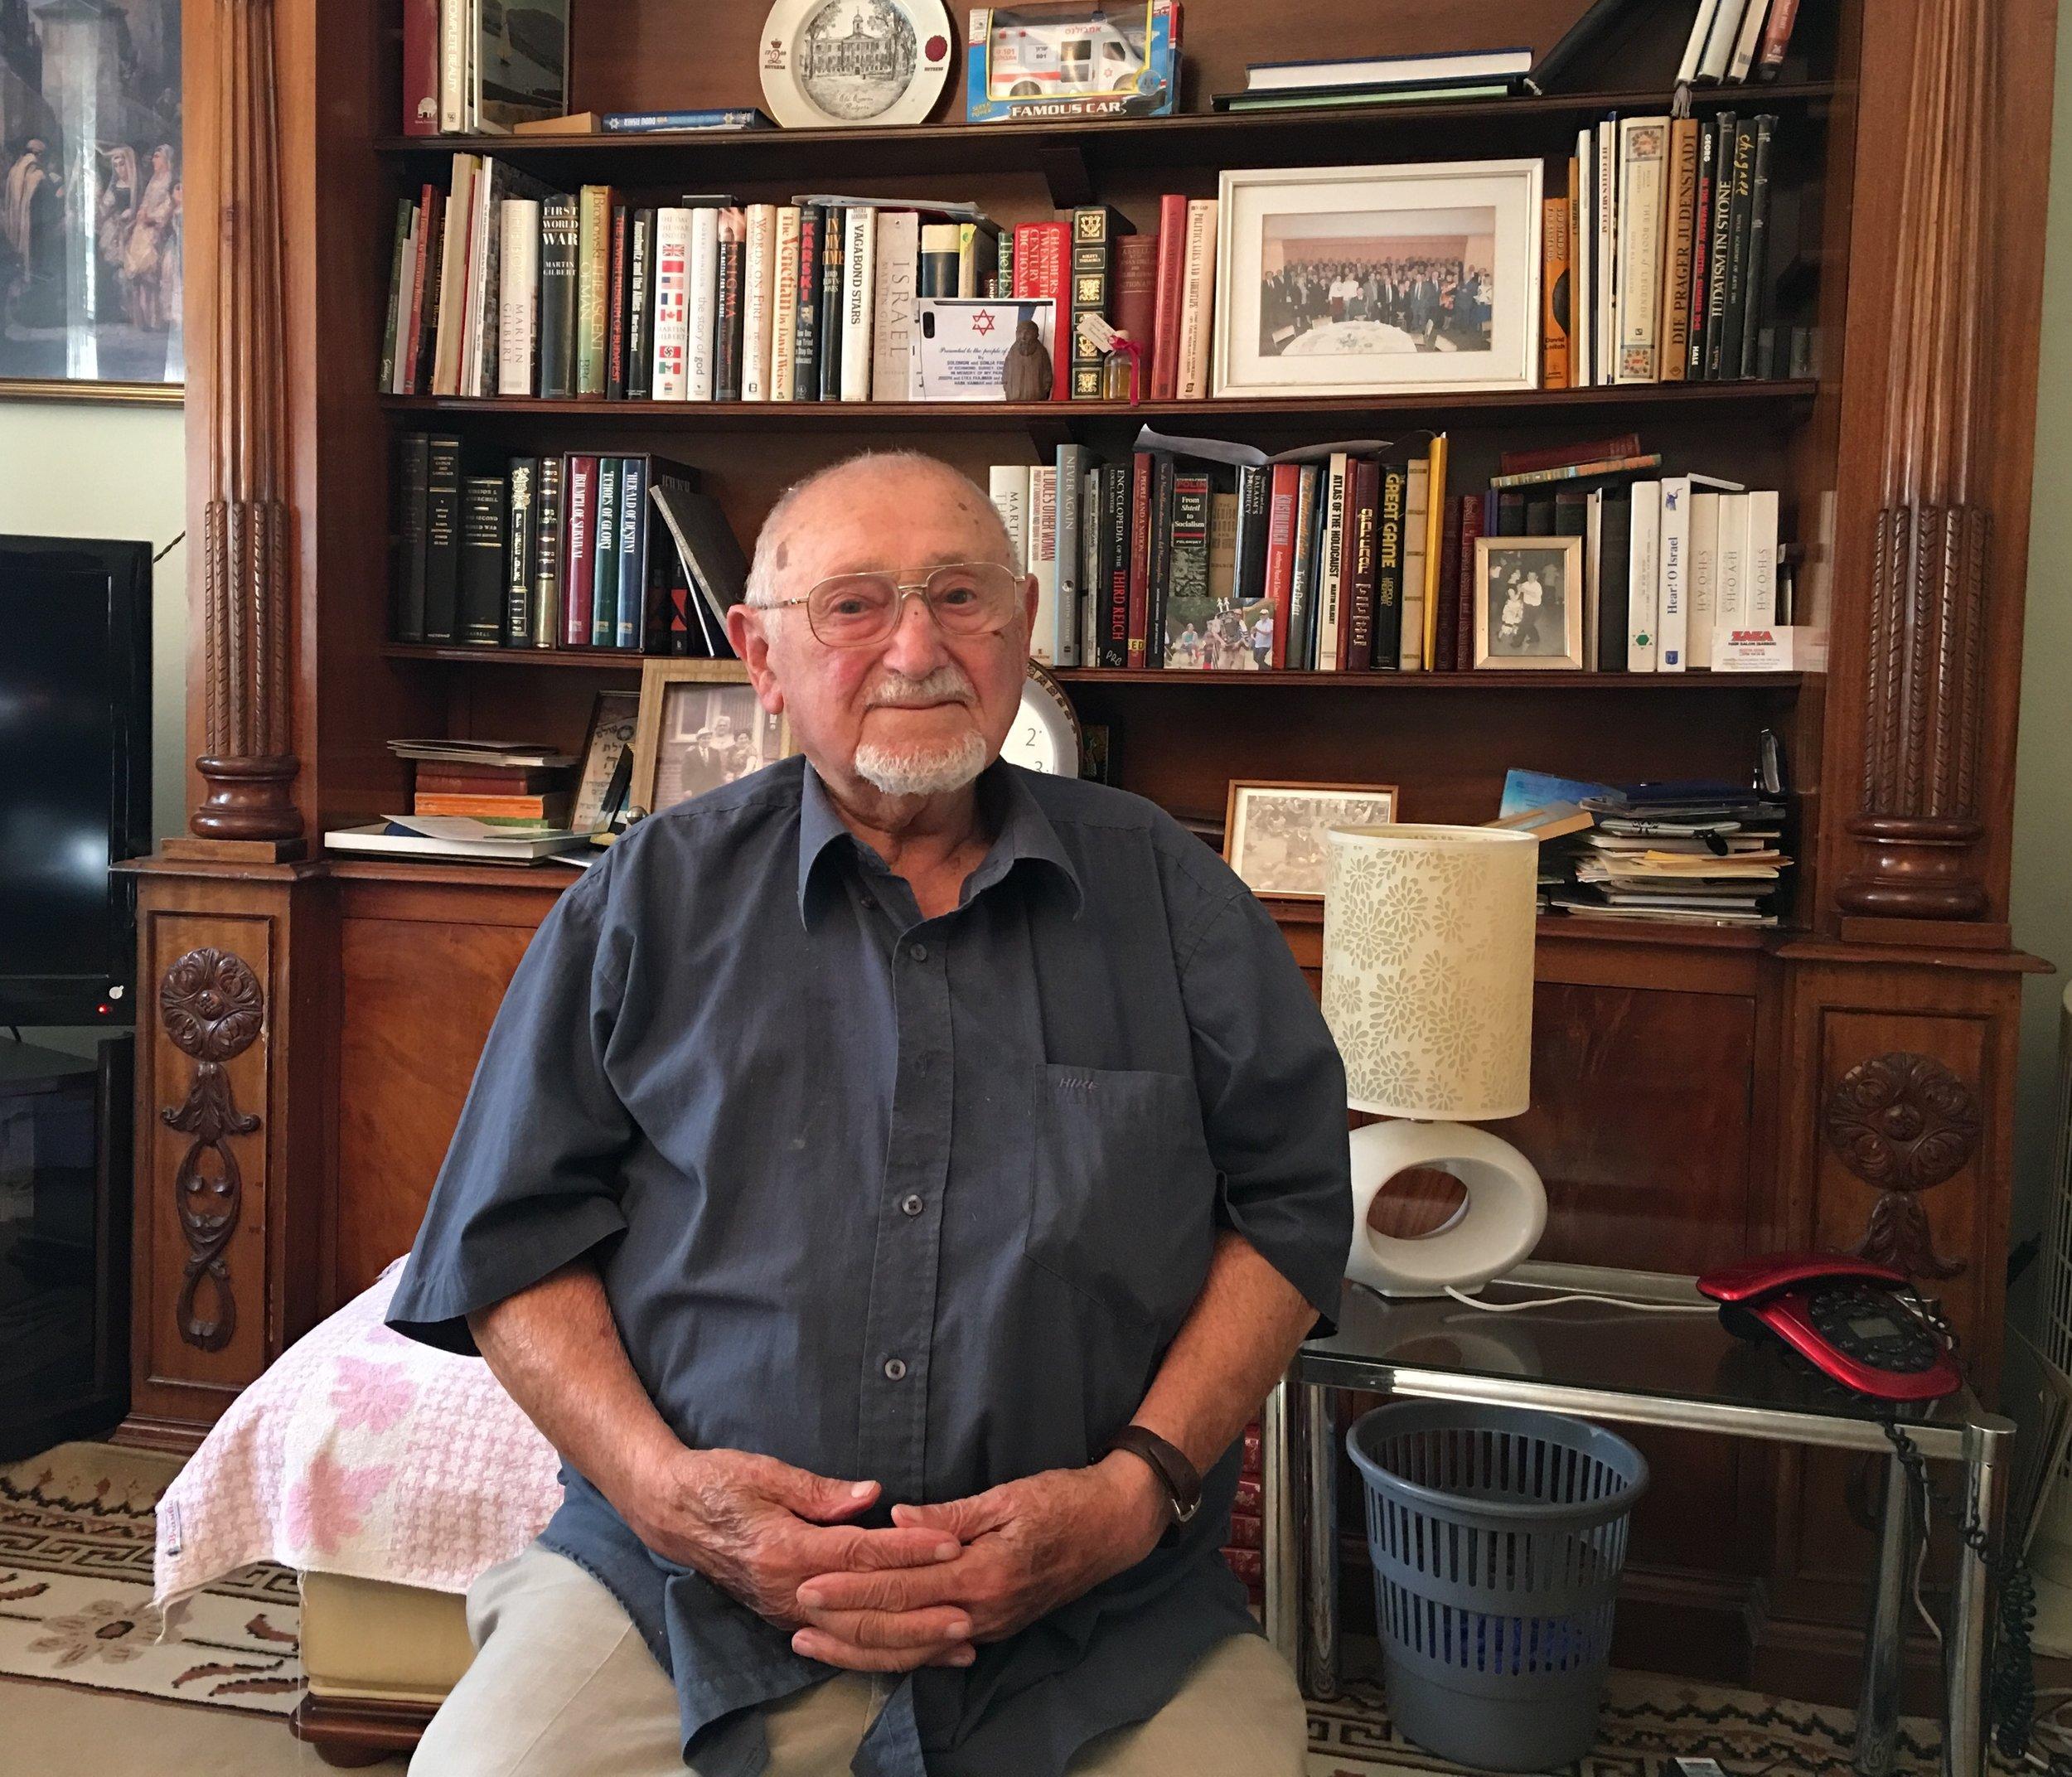 Sam Freiman at home in Richmond Surrey, August 2018. Photo: Rosie Whitehouse